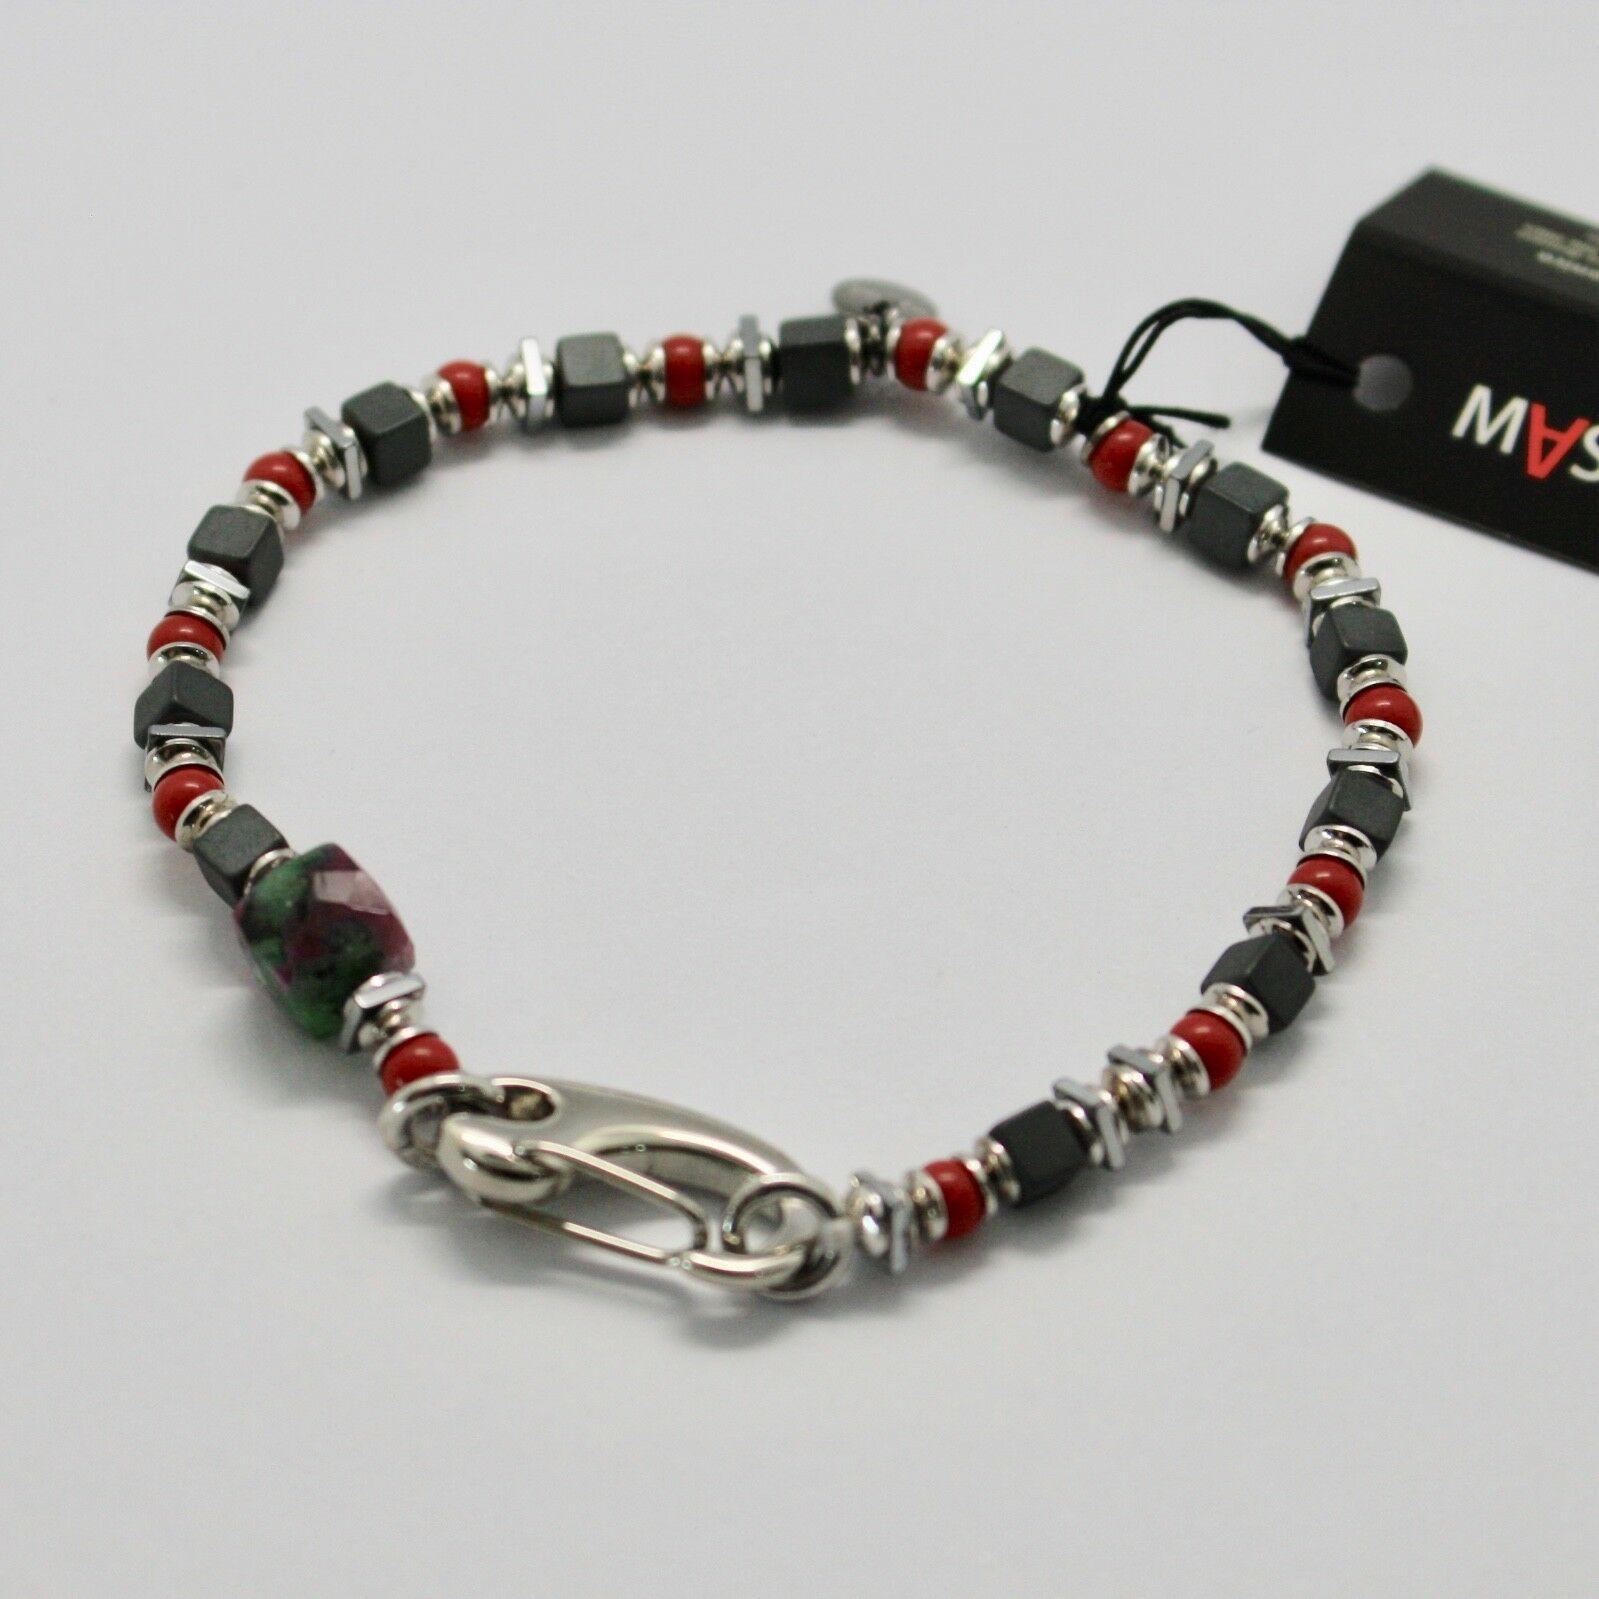 Bracelet en Argent 925 Rubis Zoïsite Corail BPAN-13 Fabriqué Italie By Maschia